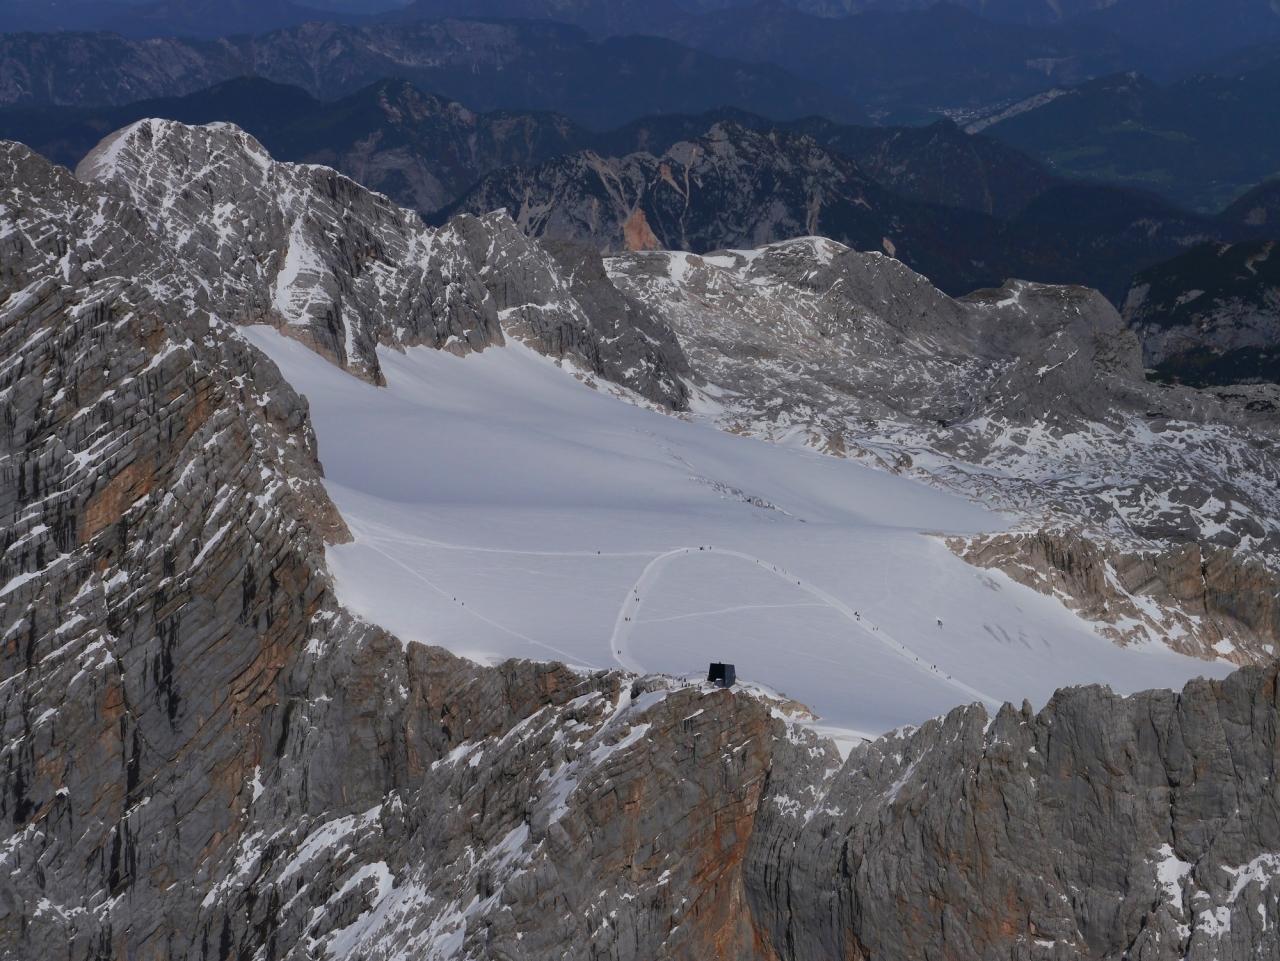 2019 D-MROI Dachstein 2019-10-13 - Dachstein Gletscher